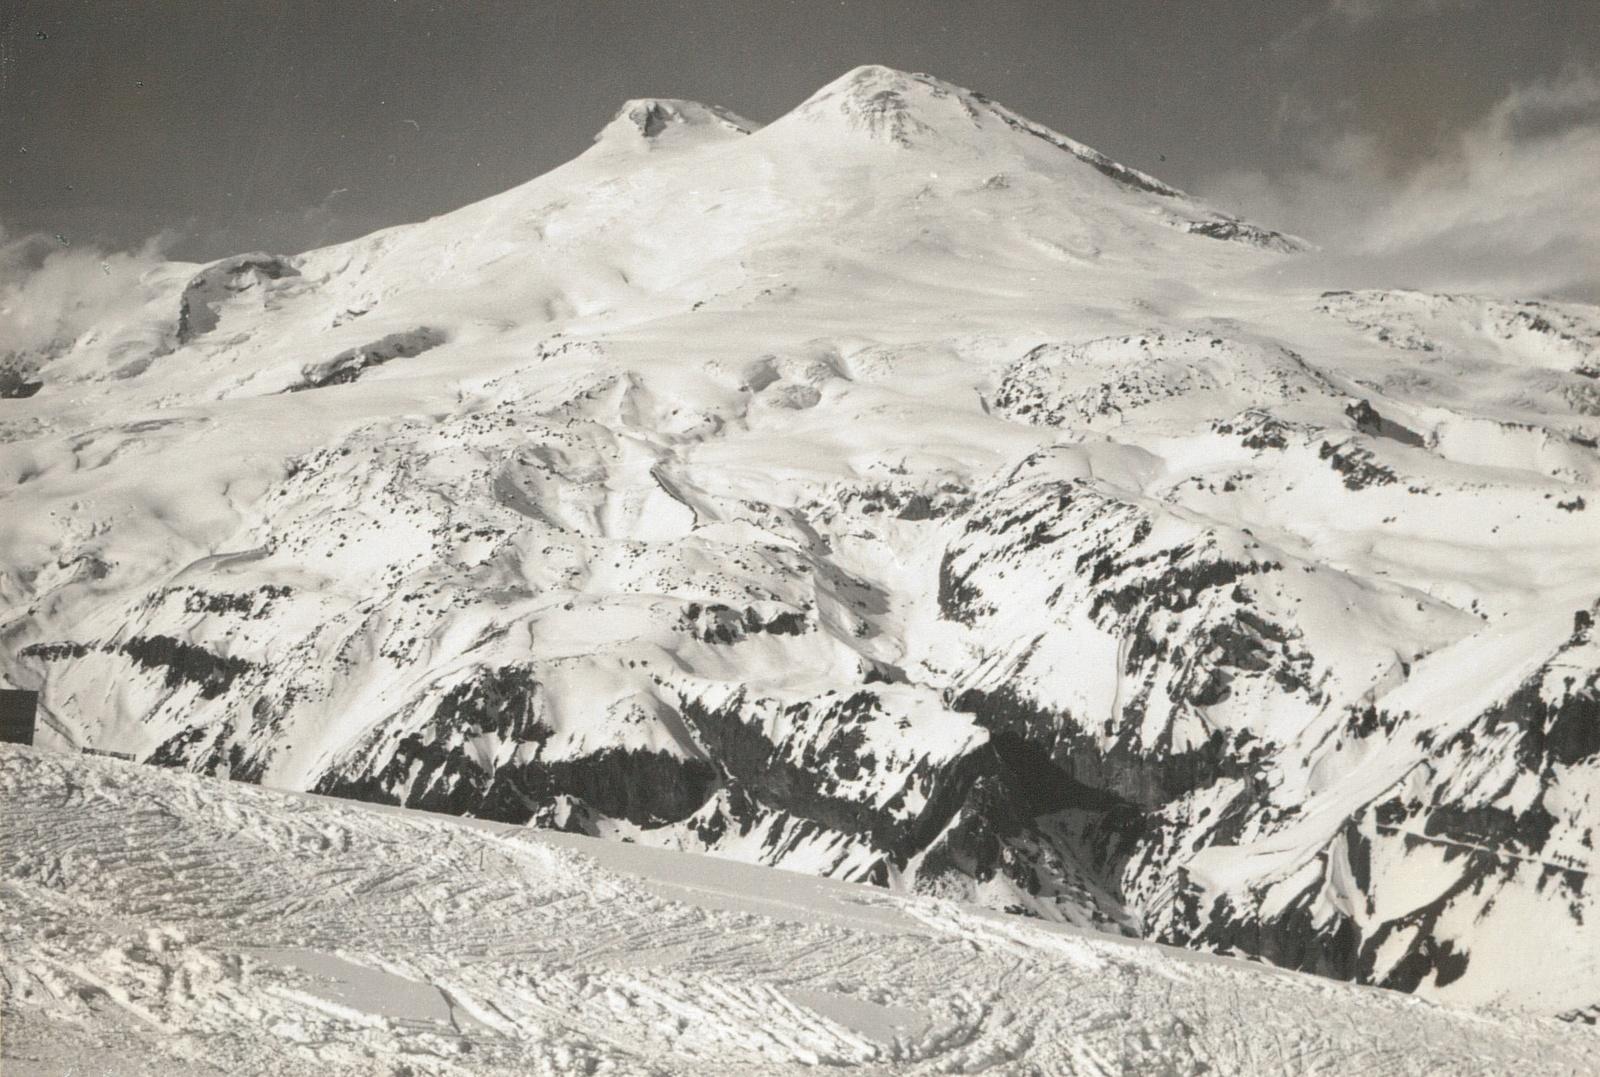 Центральный Кавказ. Двойной пик Эльбруса (5633 и 5621 м) от верхней станции Чегета